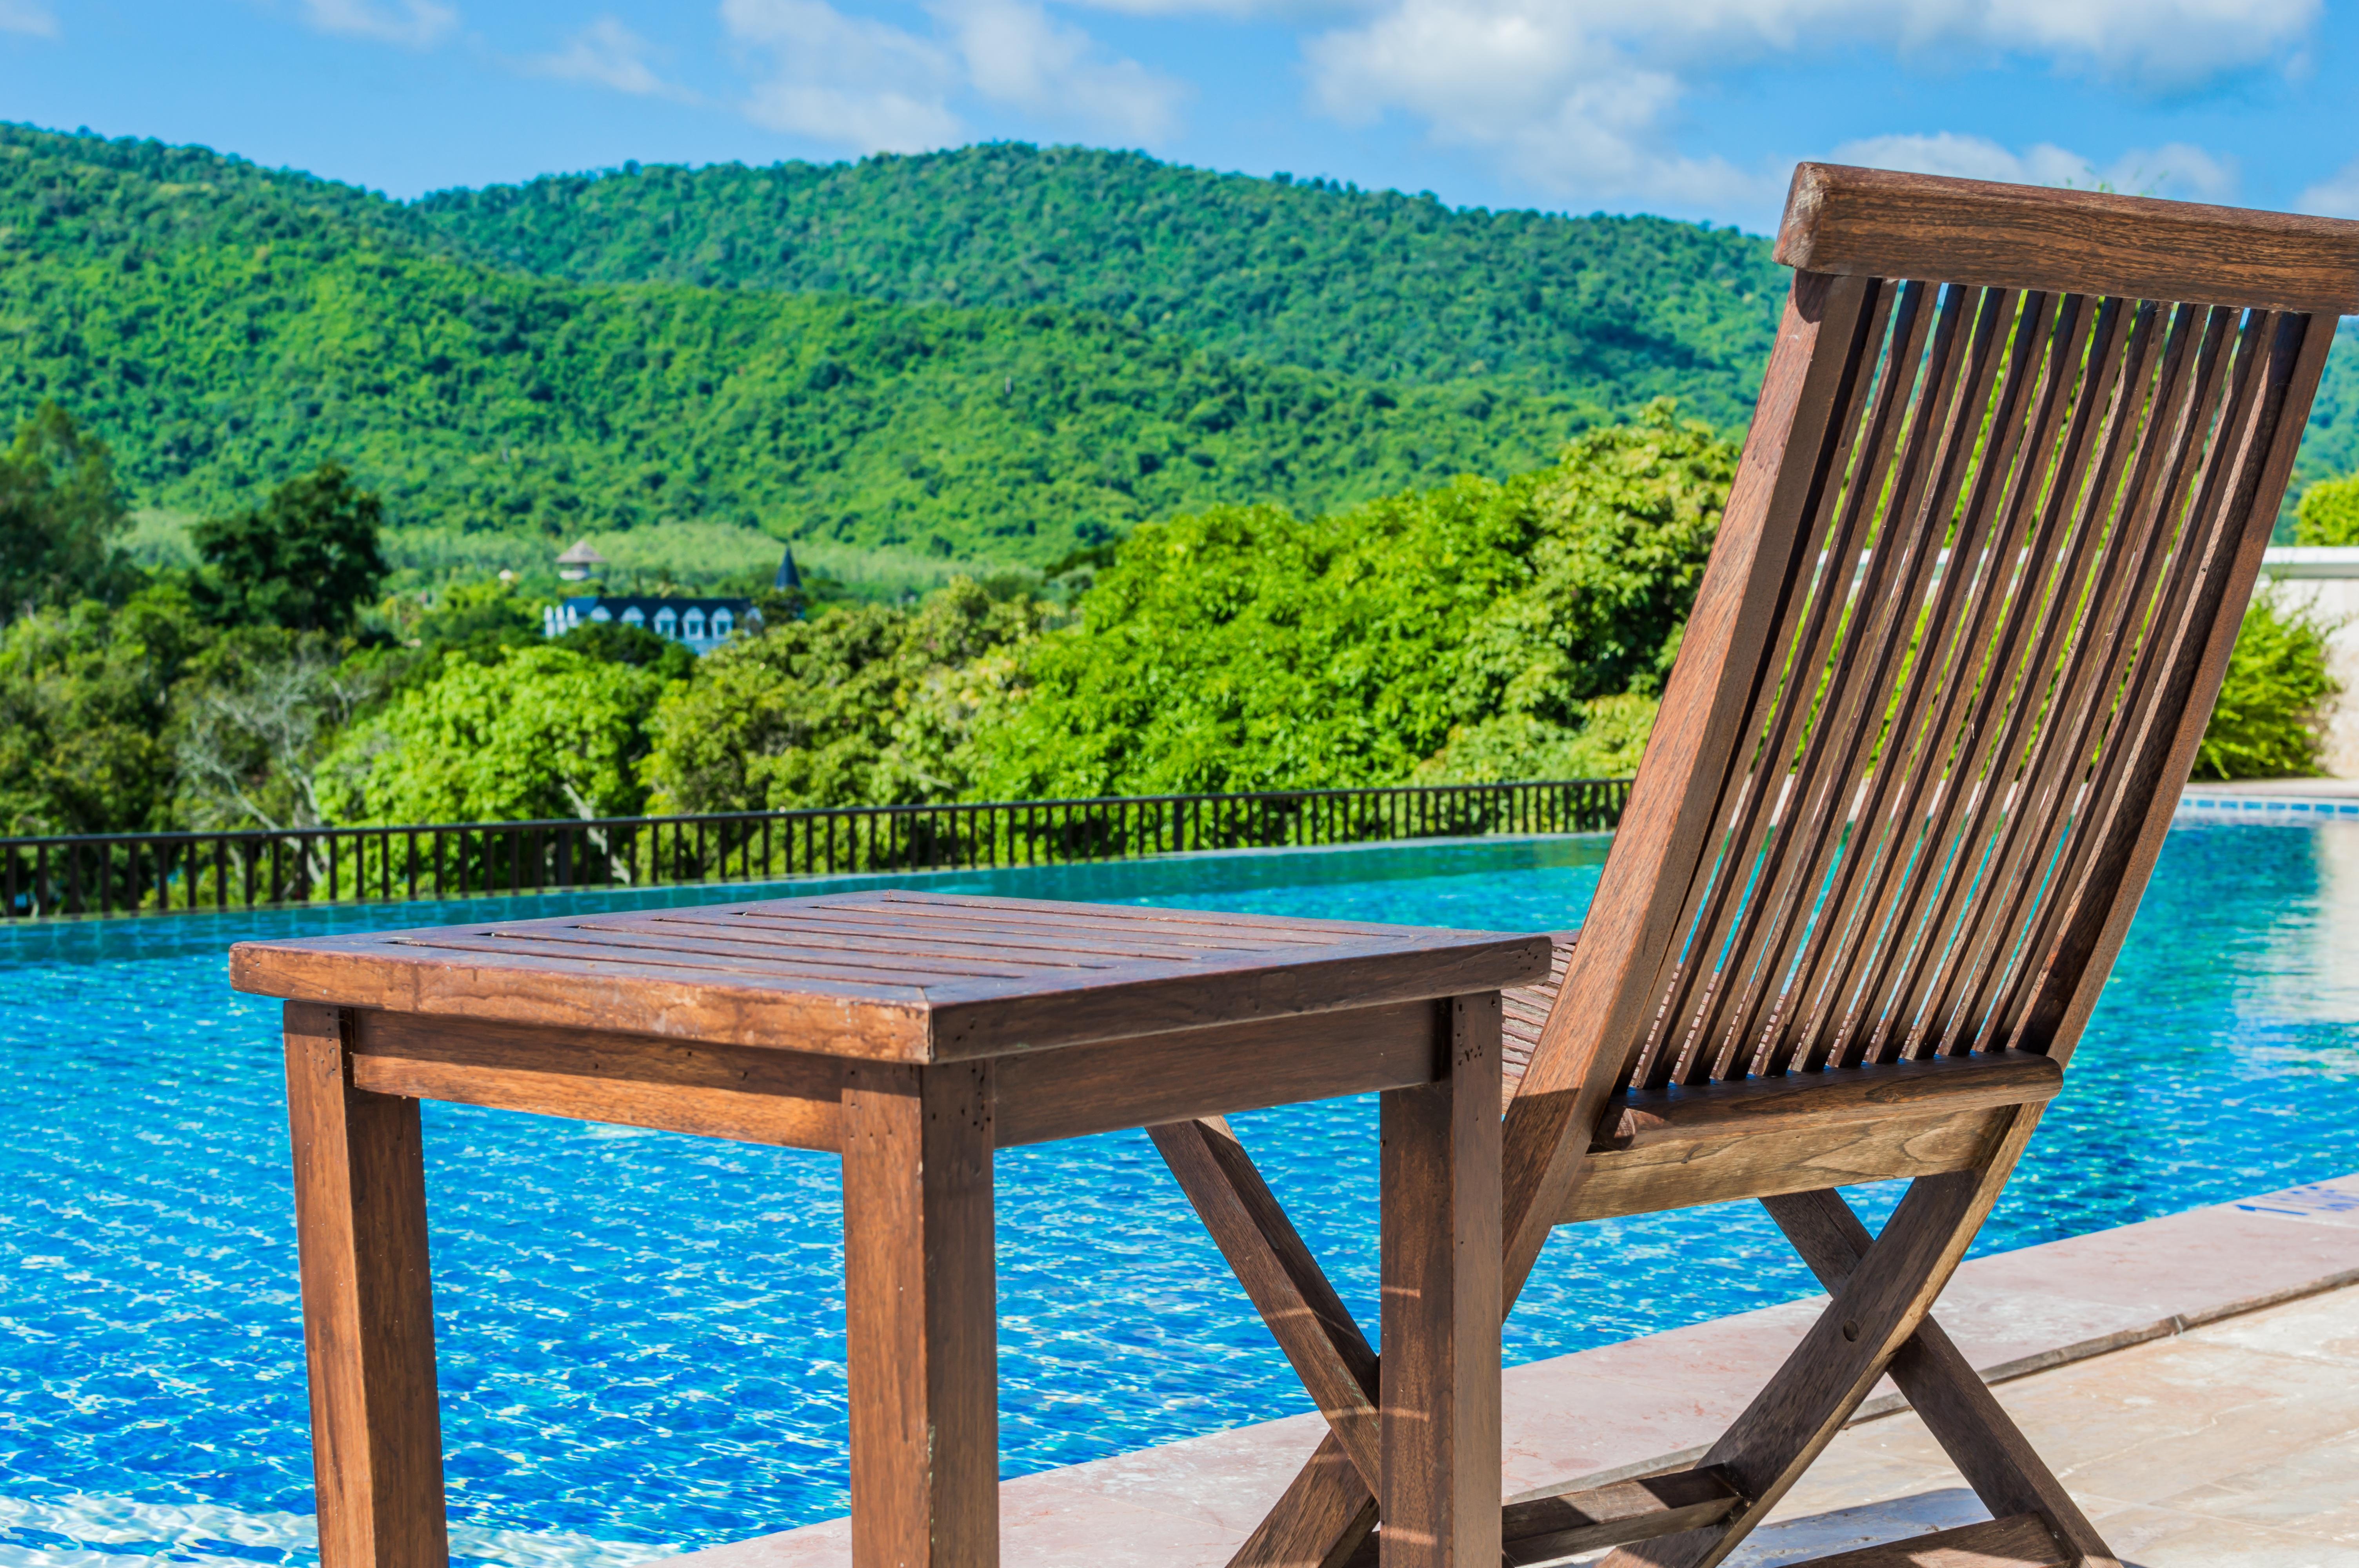 Kostenlose Foto : Strand, Wasser, Holz, Weiß, Villa, Sessel, Alt, Land,  Veranda, Ferien, Entspannen Sie Sich, Pool, Still, Hütte, Farbe, Eigentum,  Möbel, ...